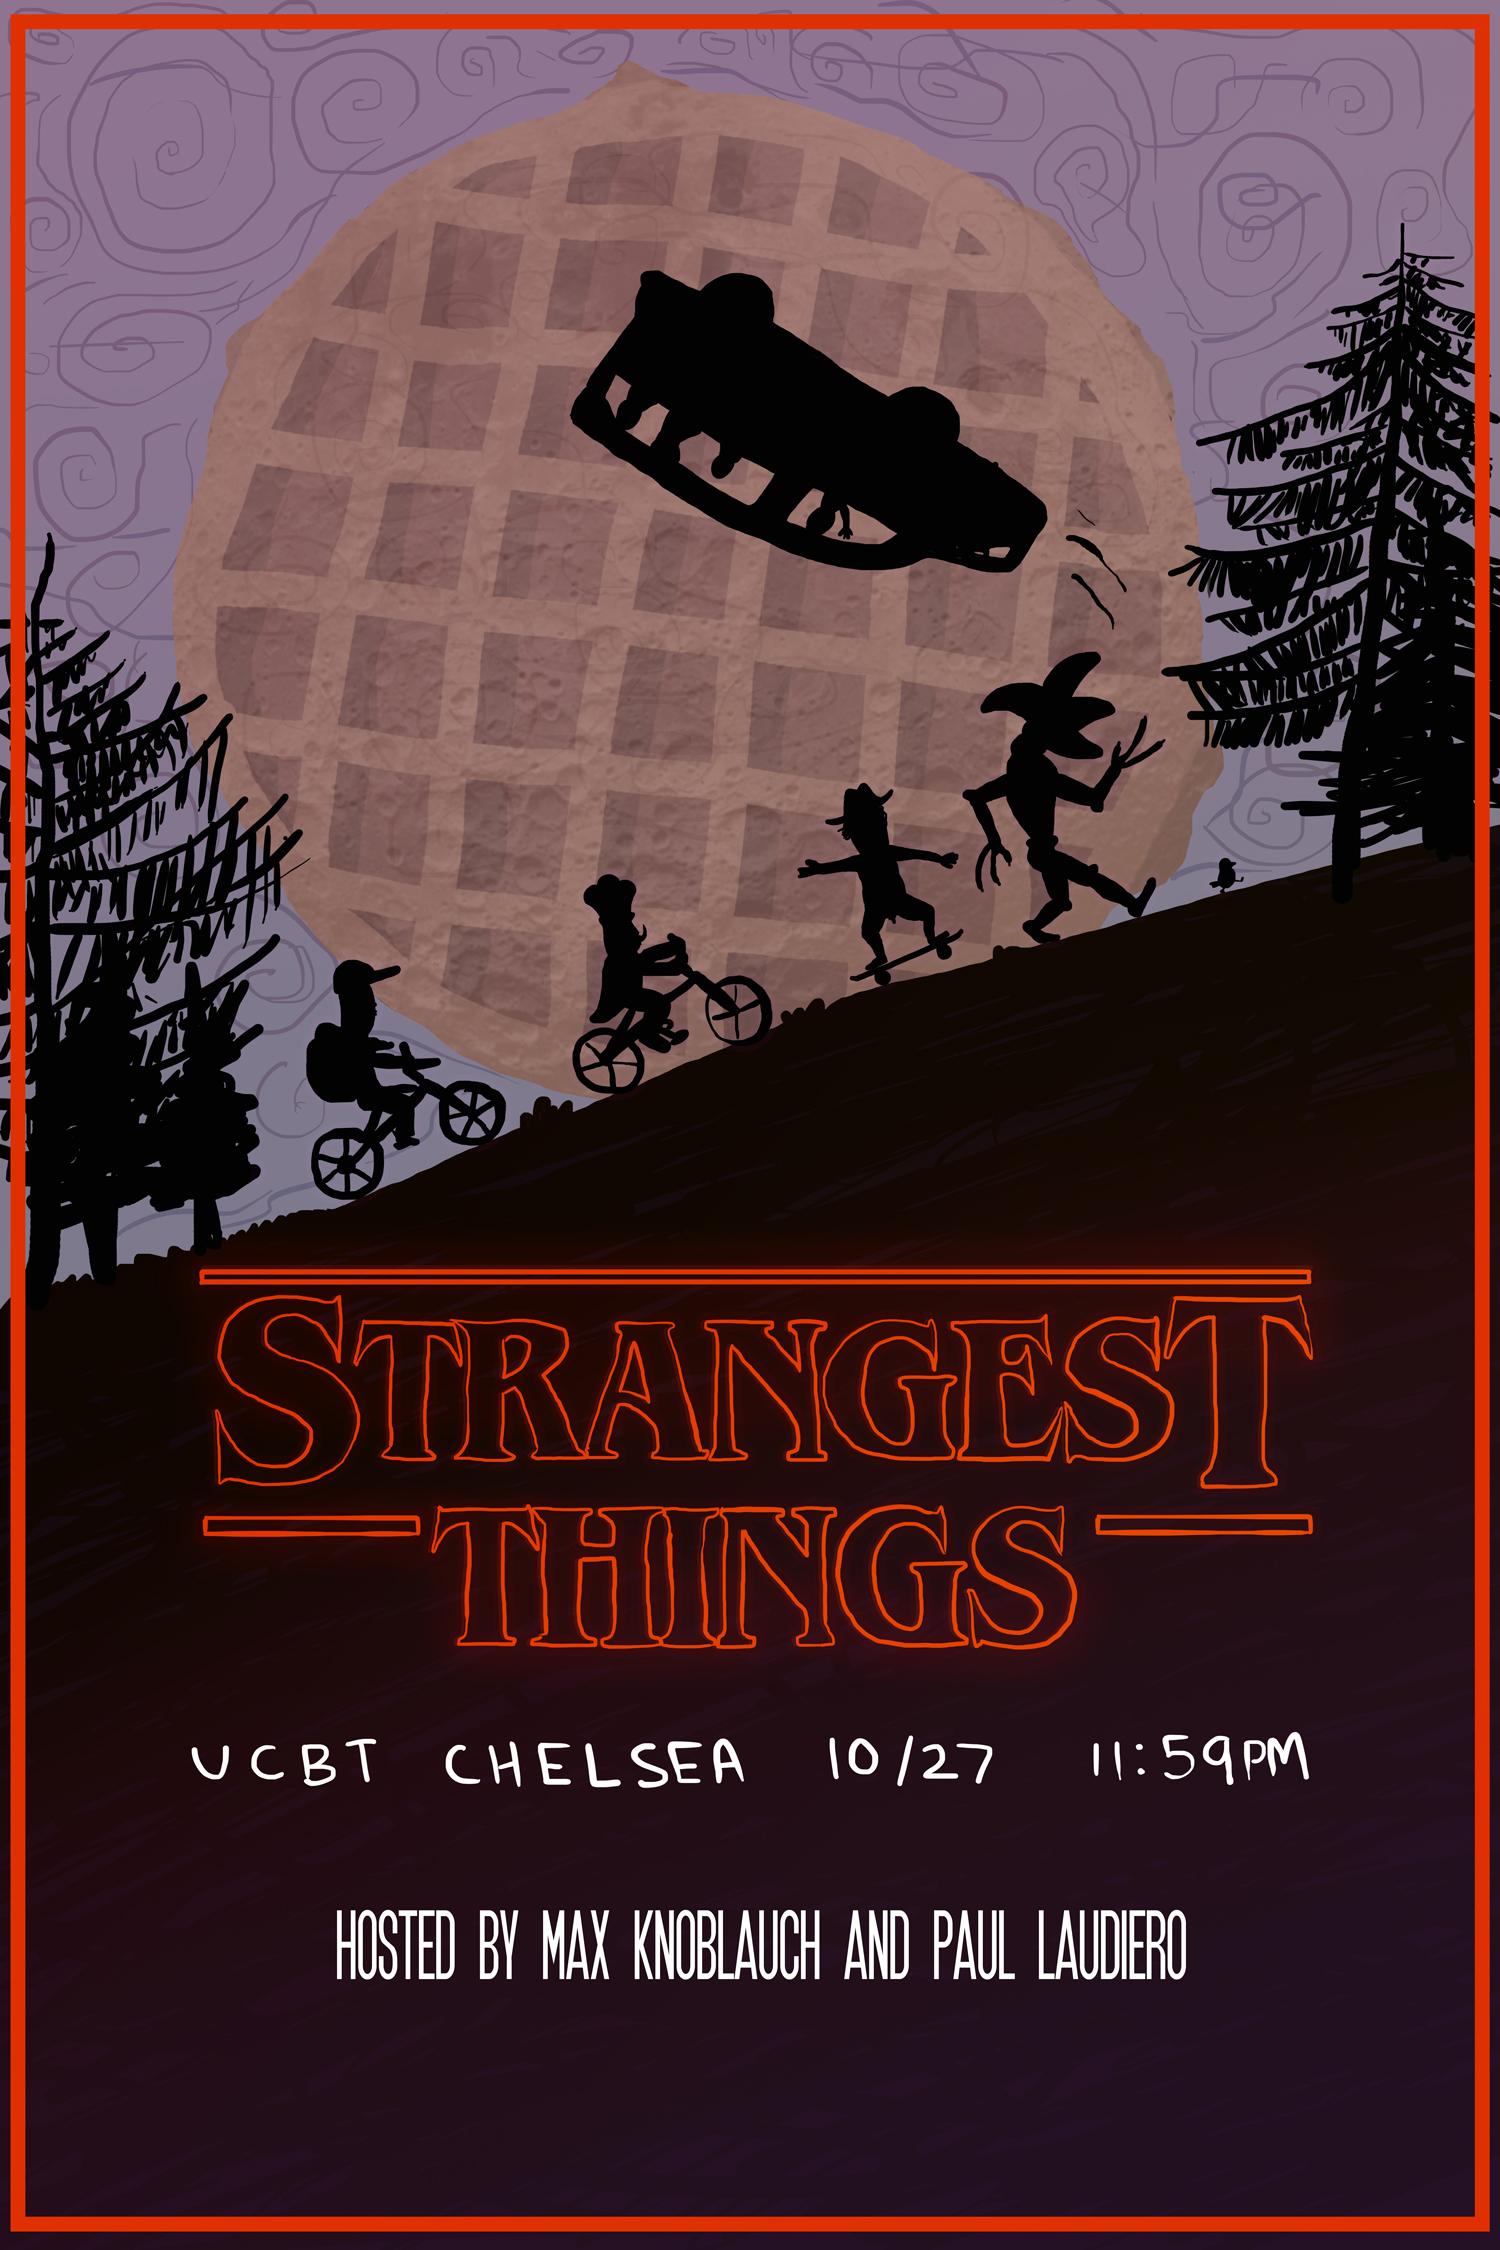 stranger-things-poster copy.jpg